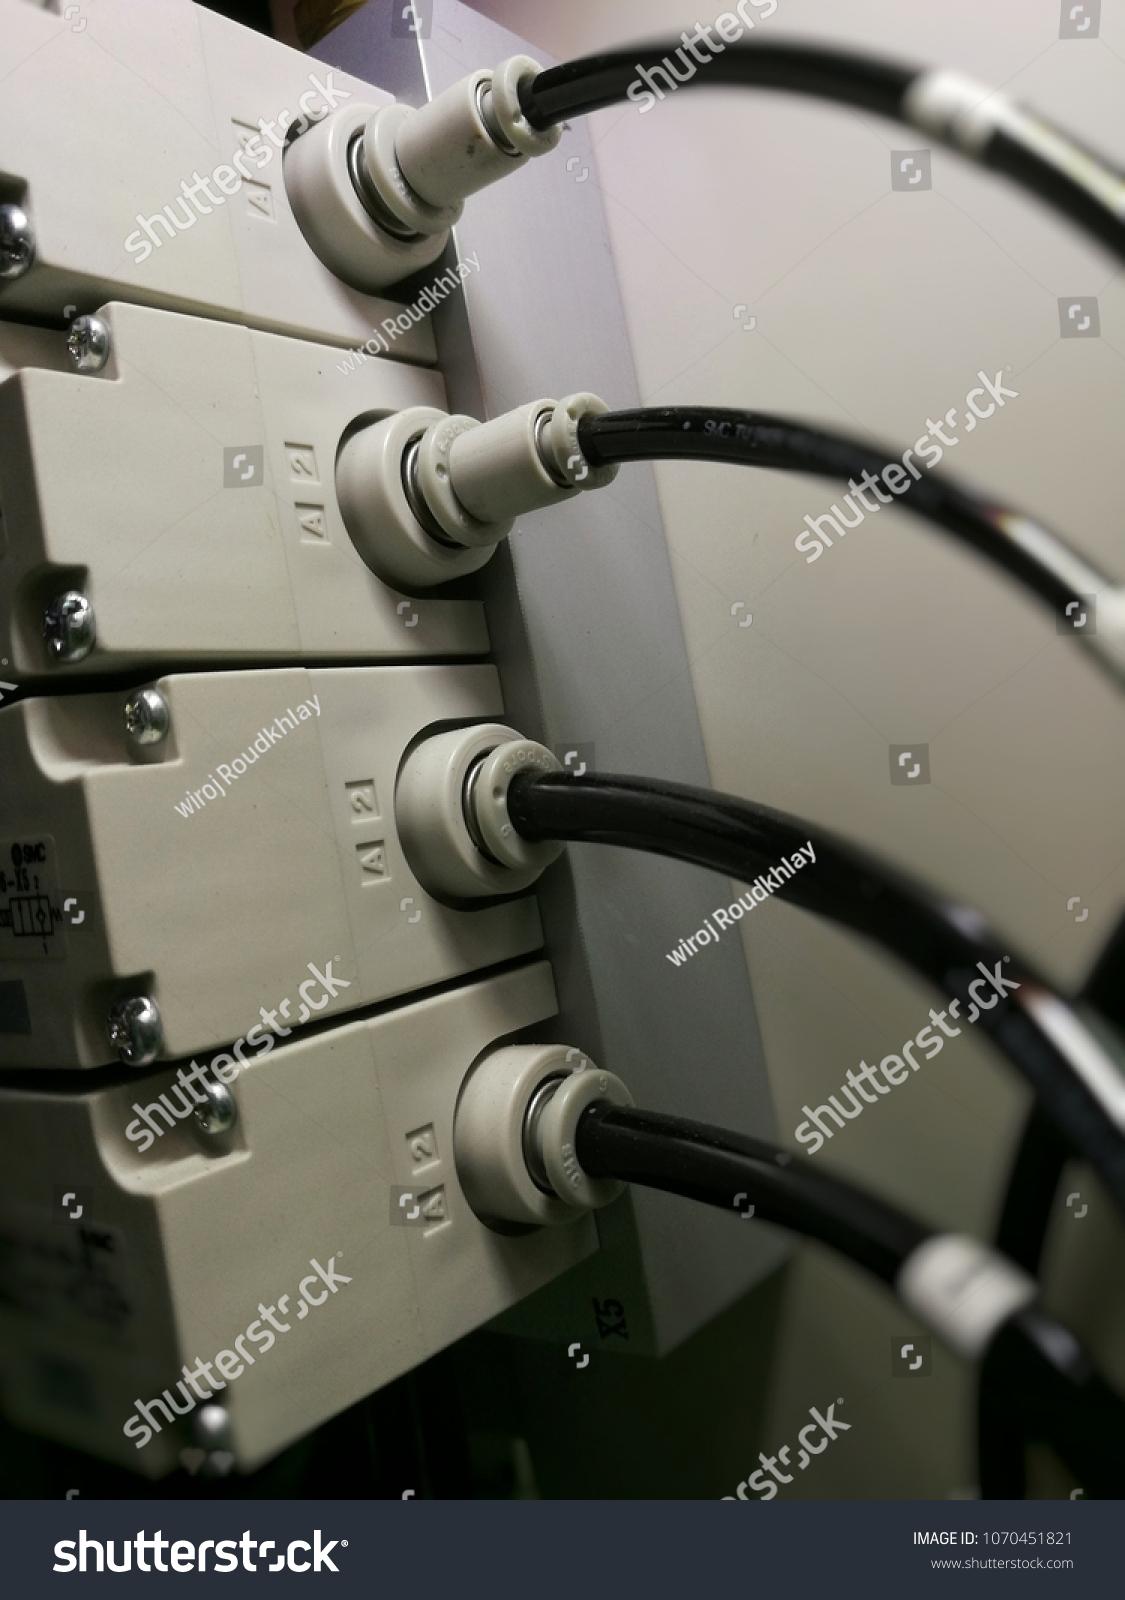 Solenoid Valve Machinery Stock Photo (Edit Now) 1070451821